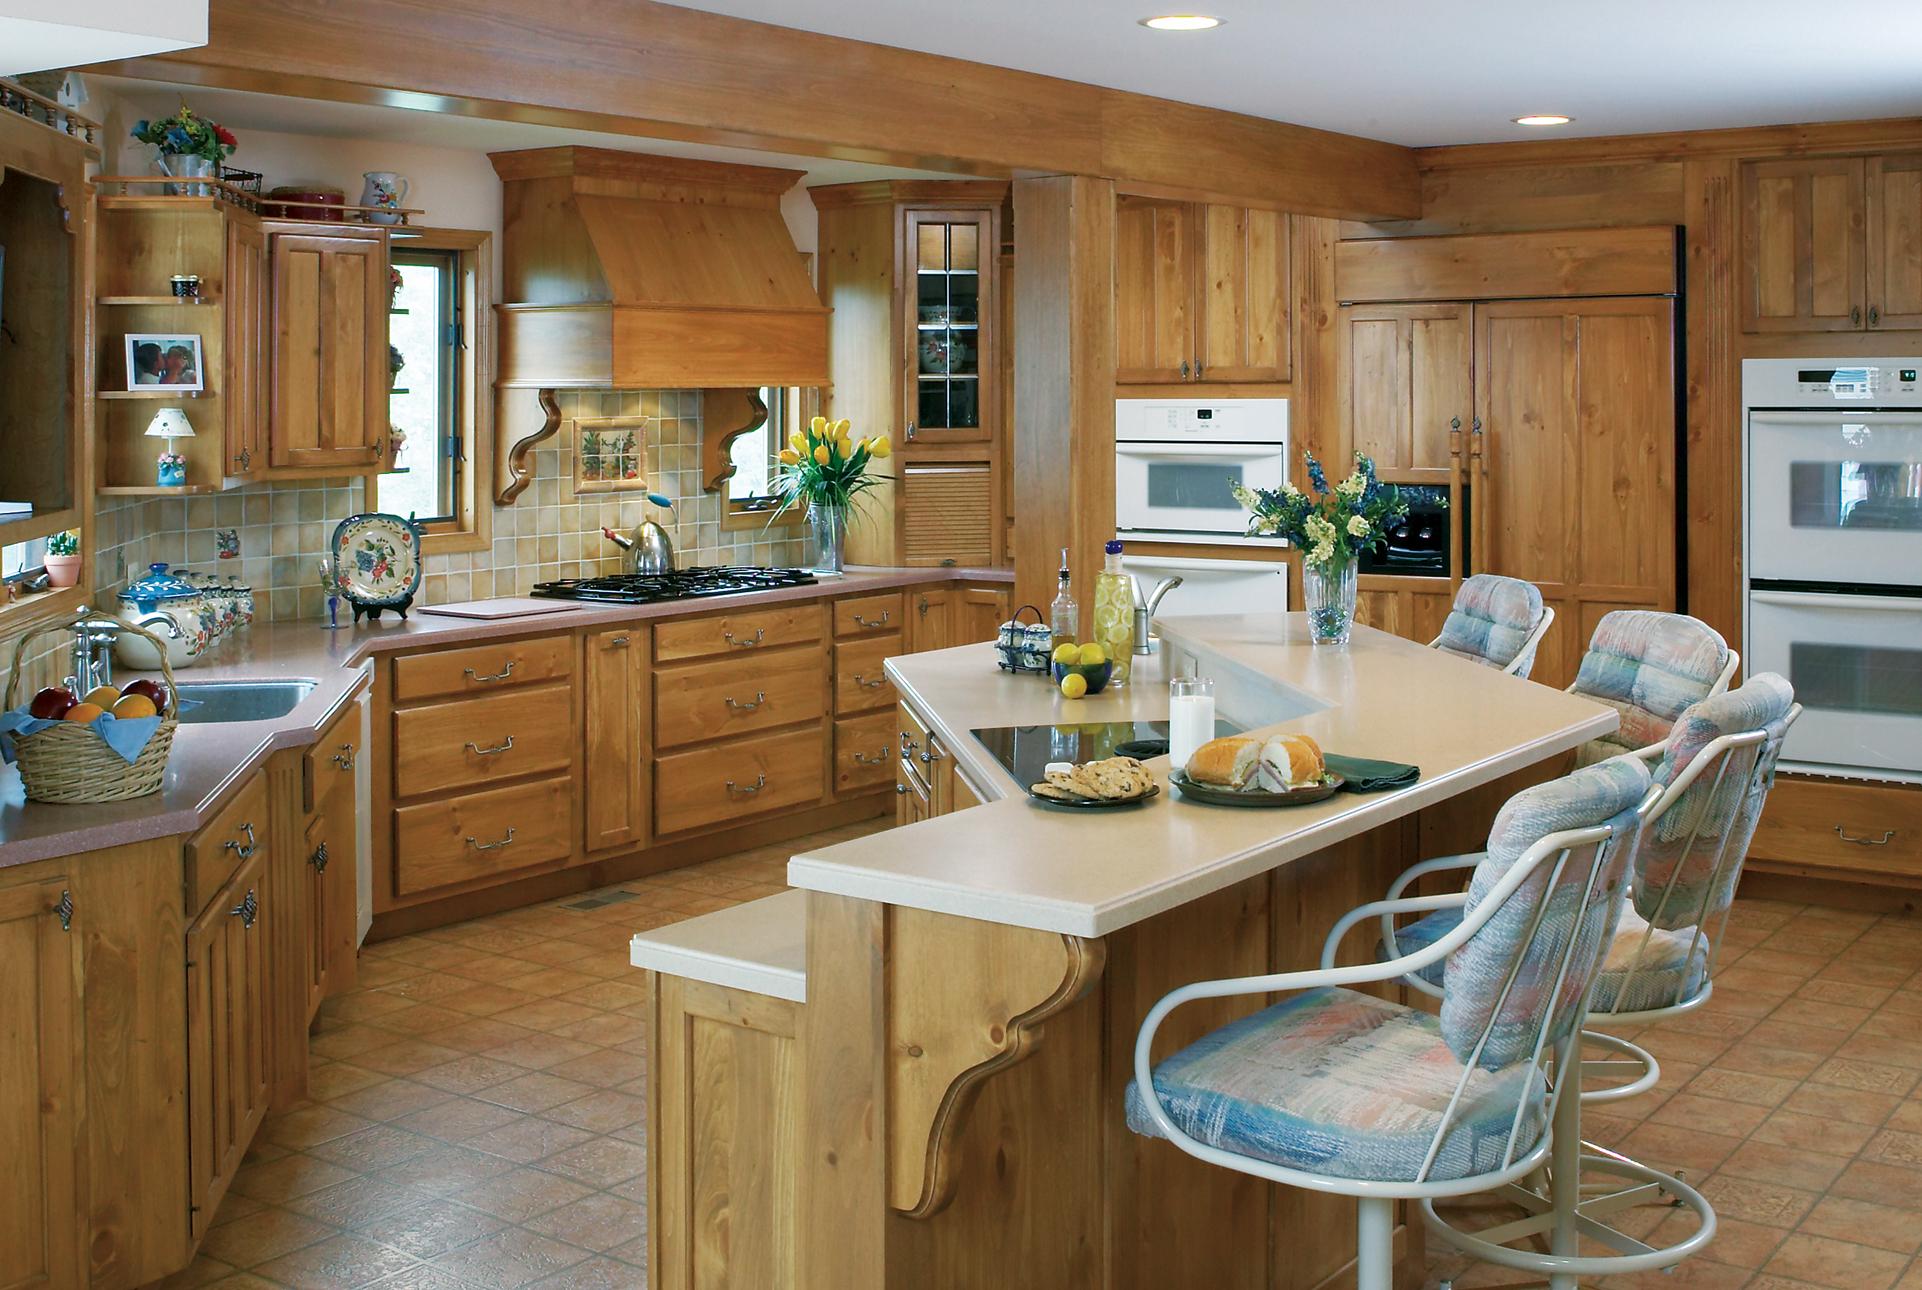 Отделка кухни в частном доме: подходящий дизайн и материалы 75